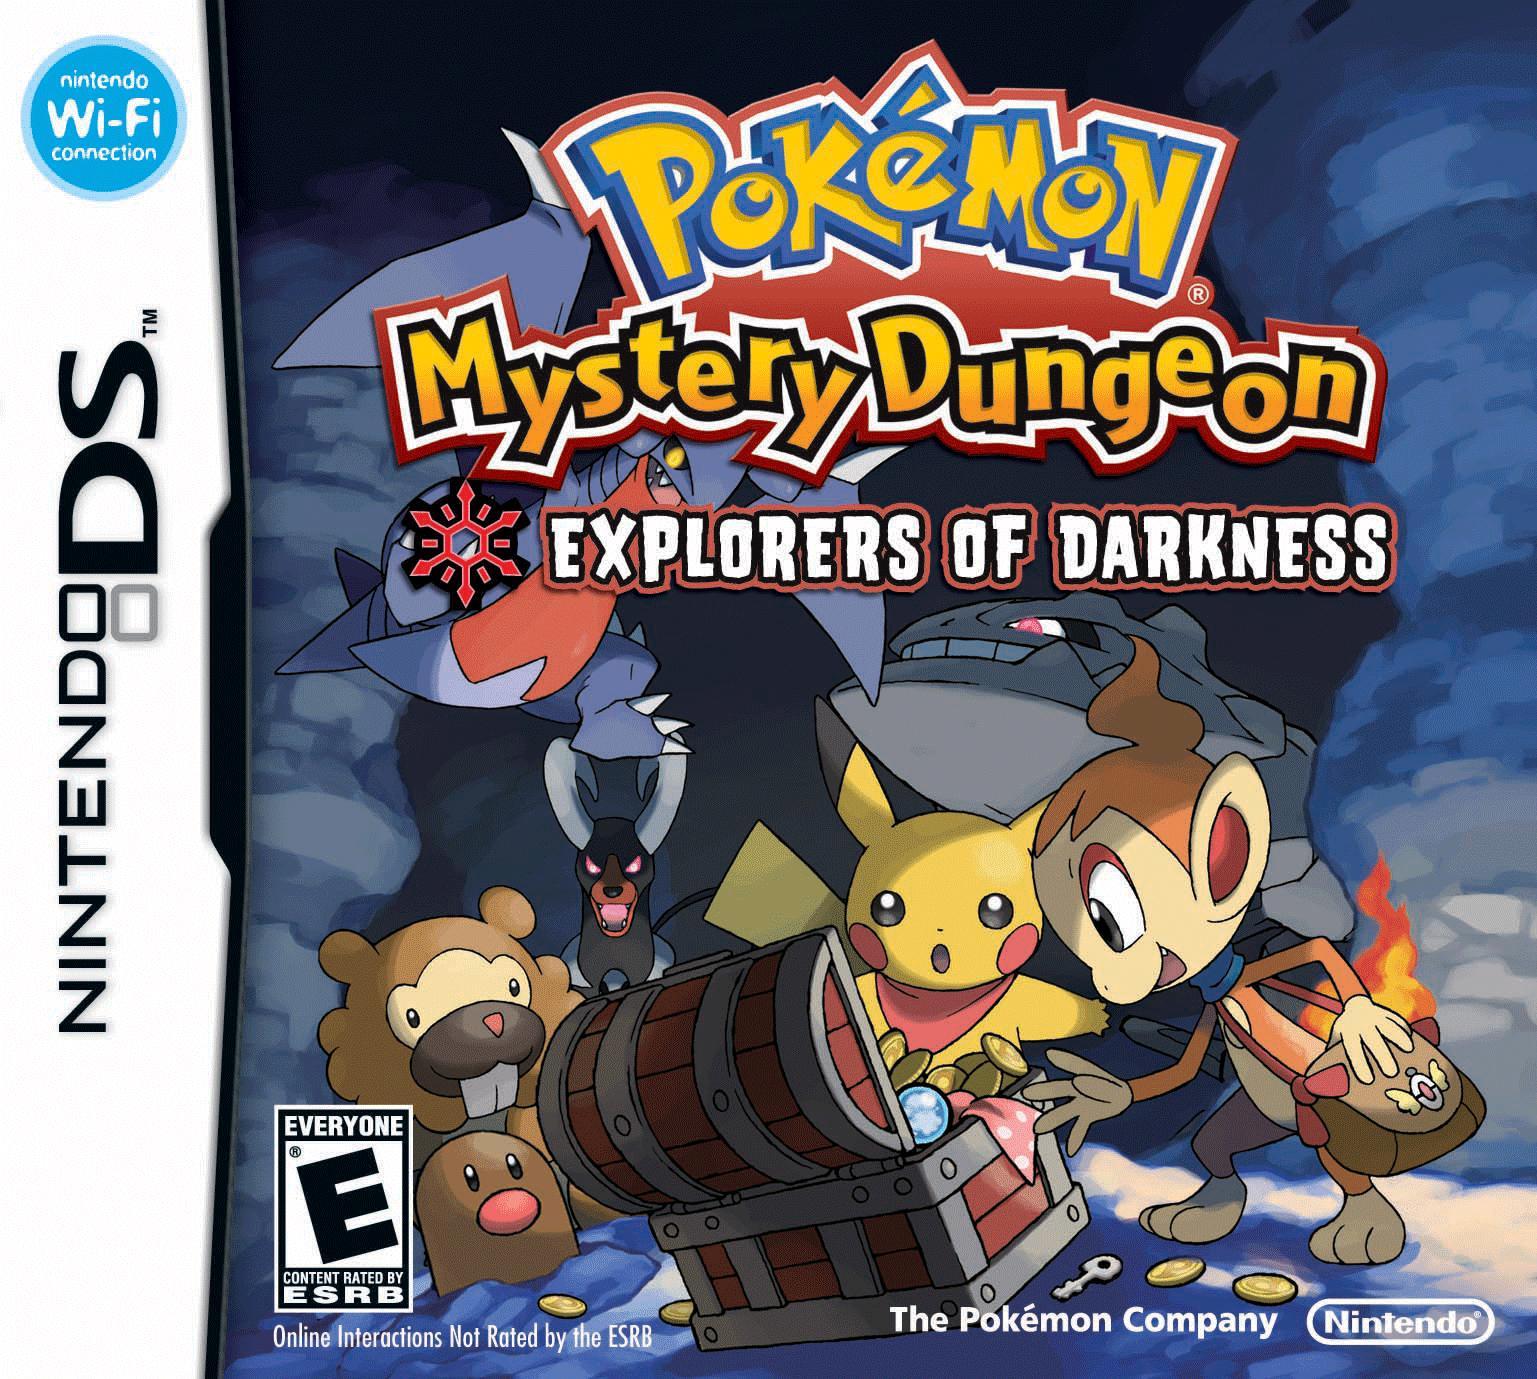 [NDS] Pokémon Mystery Dungeon - Esploratori dell'Oscurità - ITA